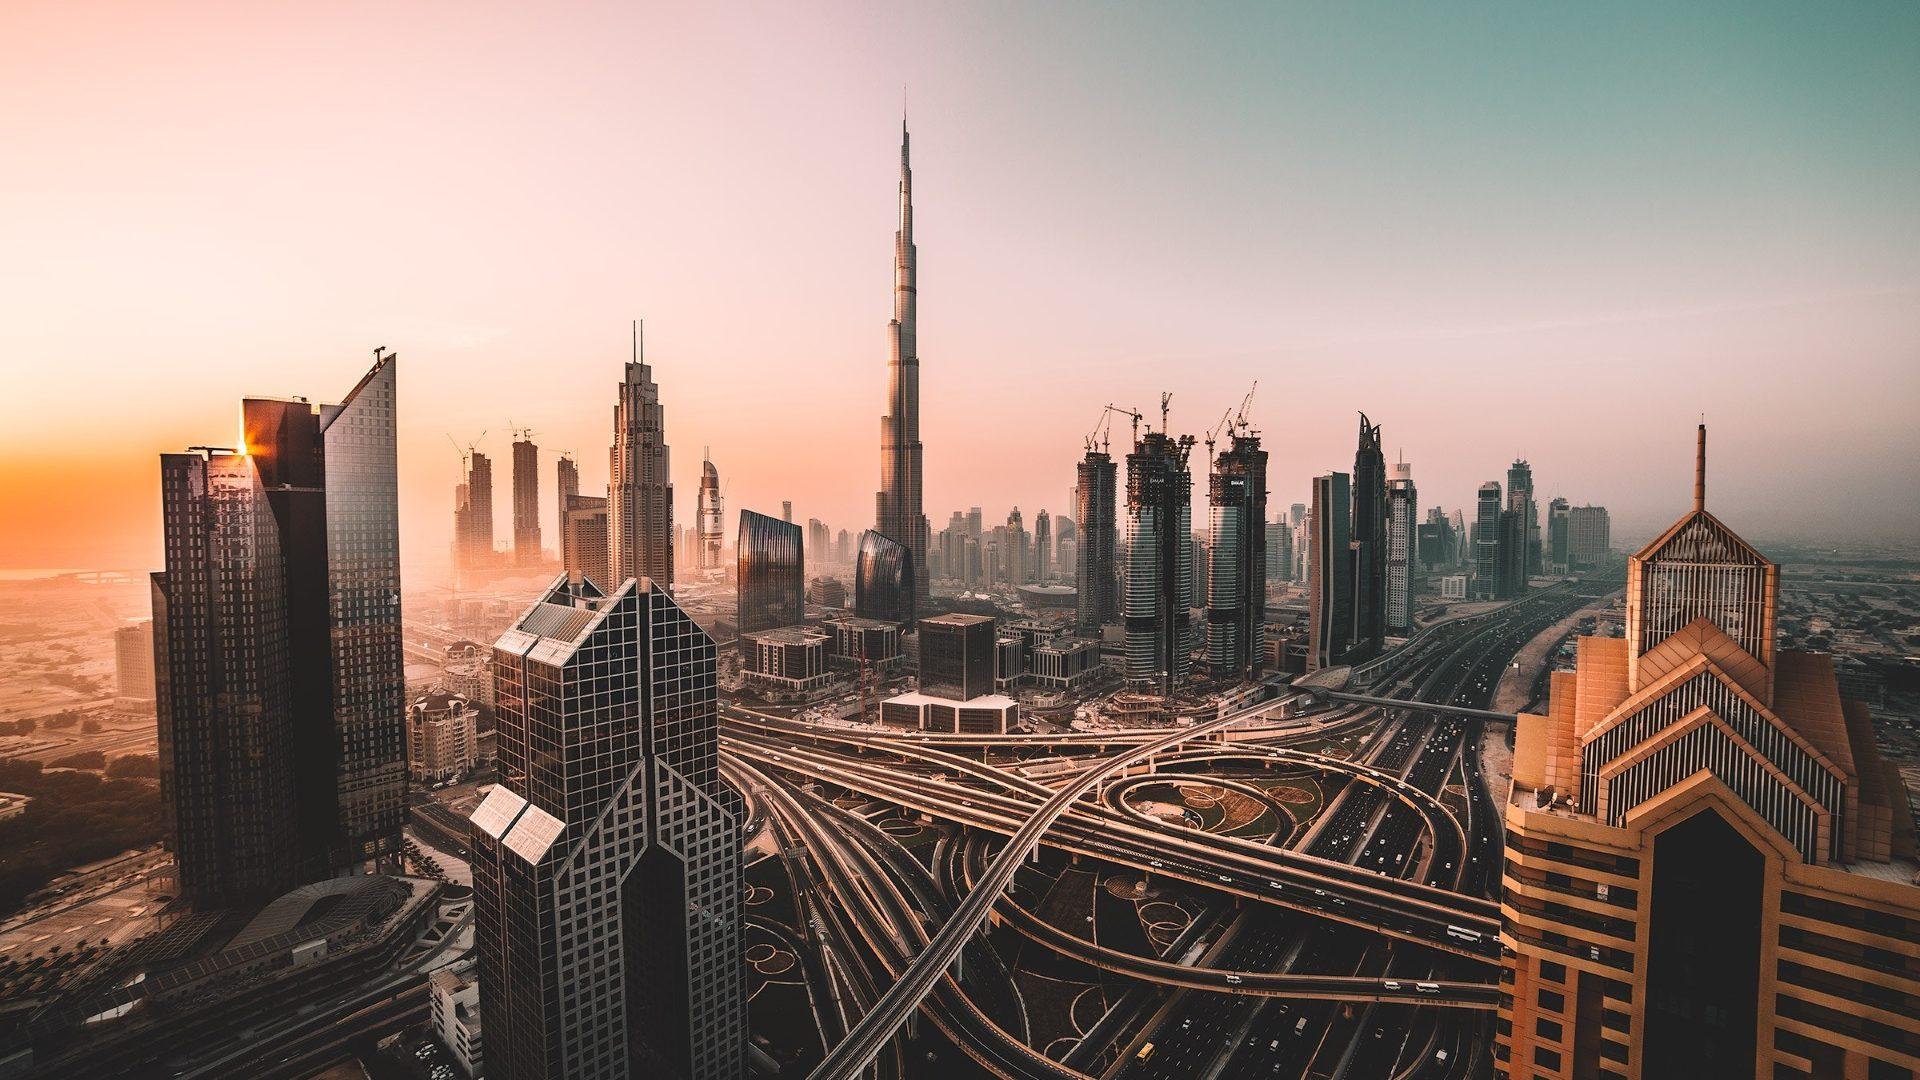 Billigflüge in die Vereinigten Arabischen Emirate